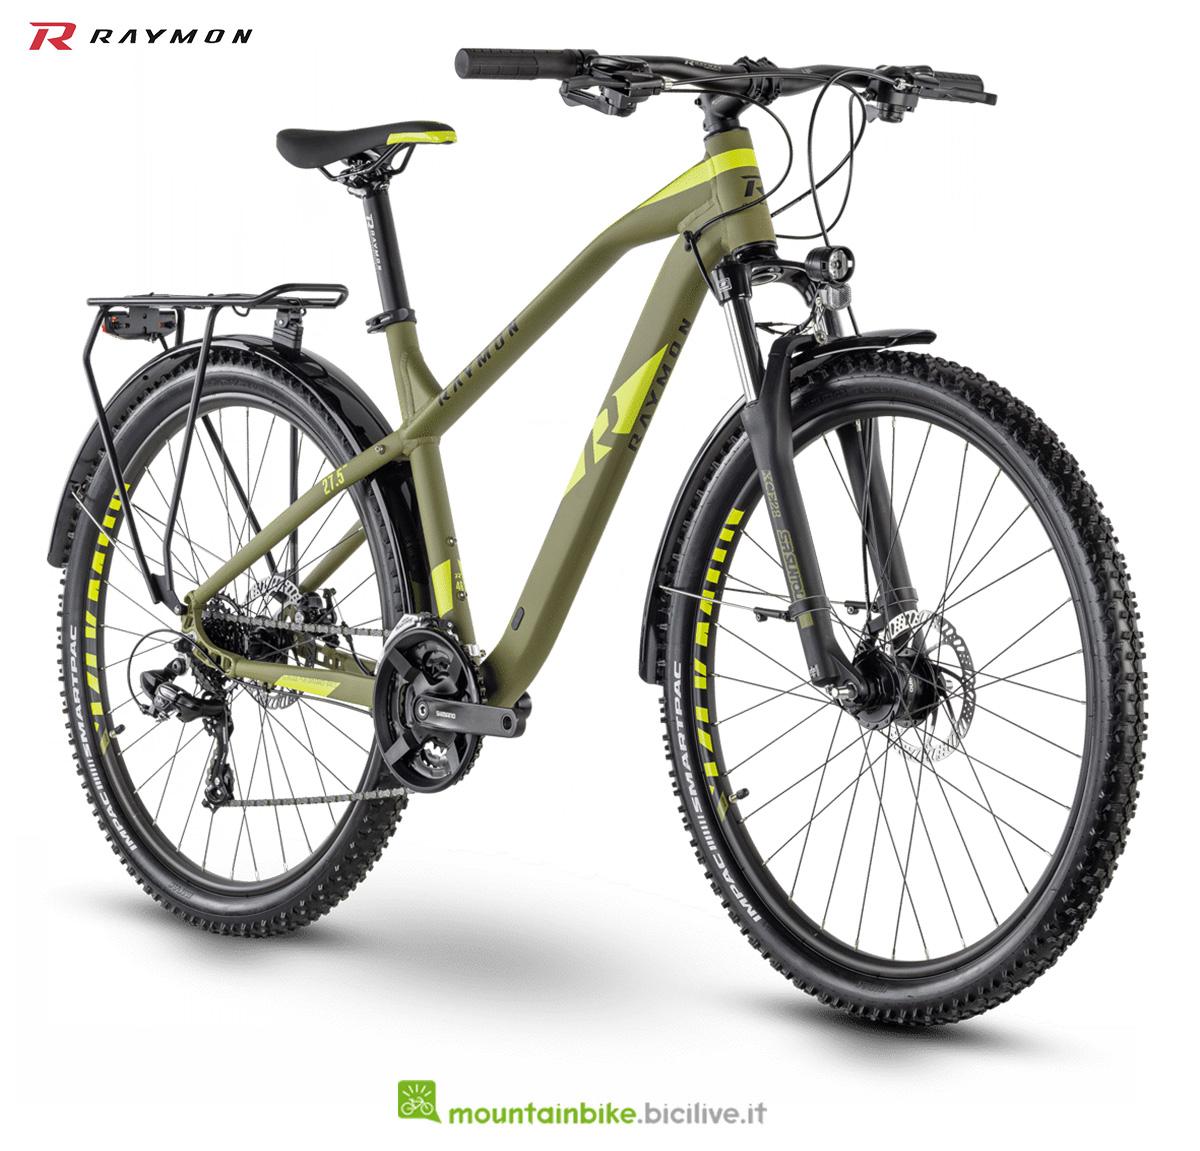 La nuova mountain bike della gamma 2021 R Raymon Hardray Seven 1.5 Street